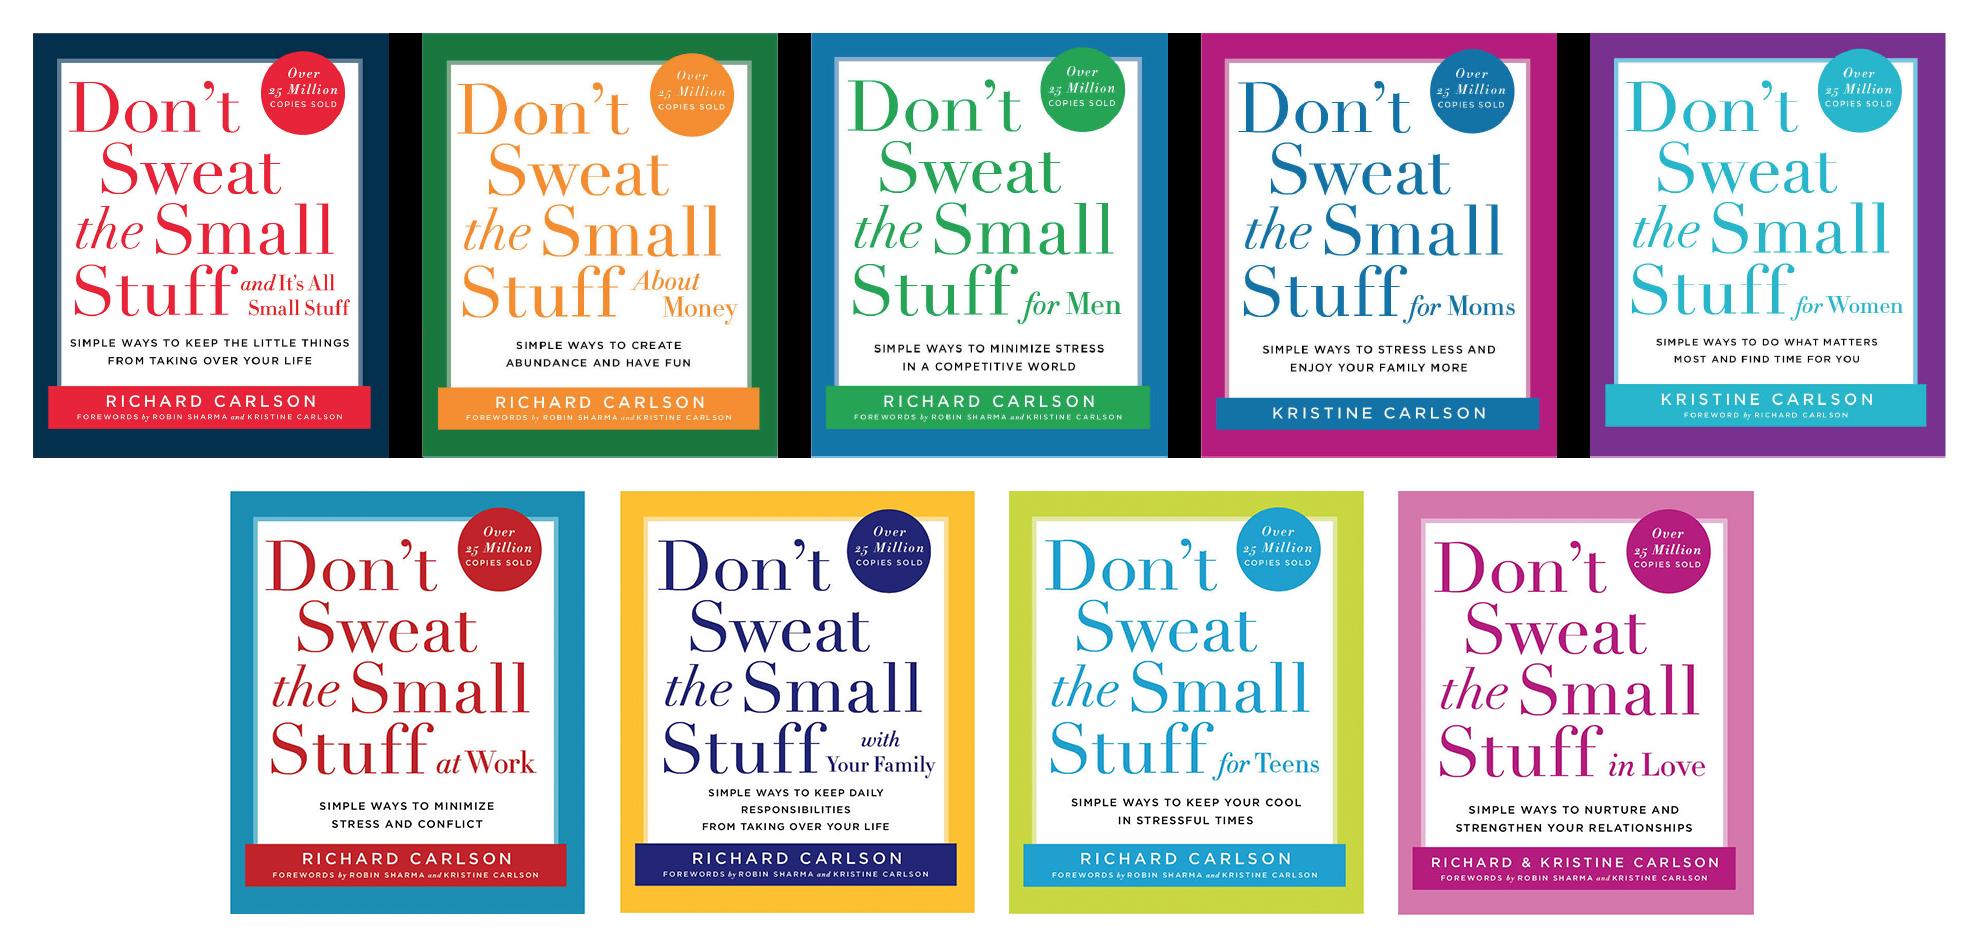 Dont Sweat the Small Stuff Books Image